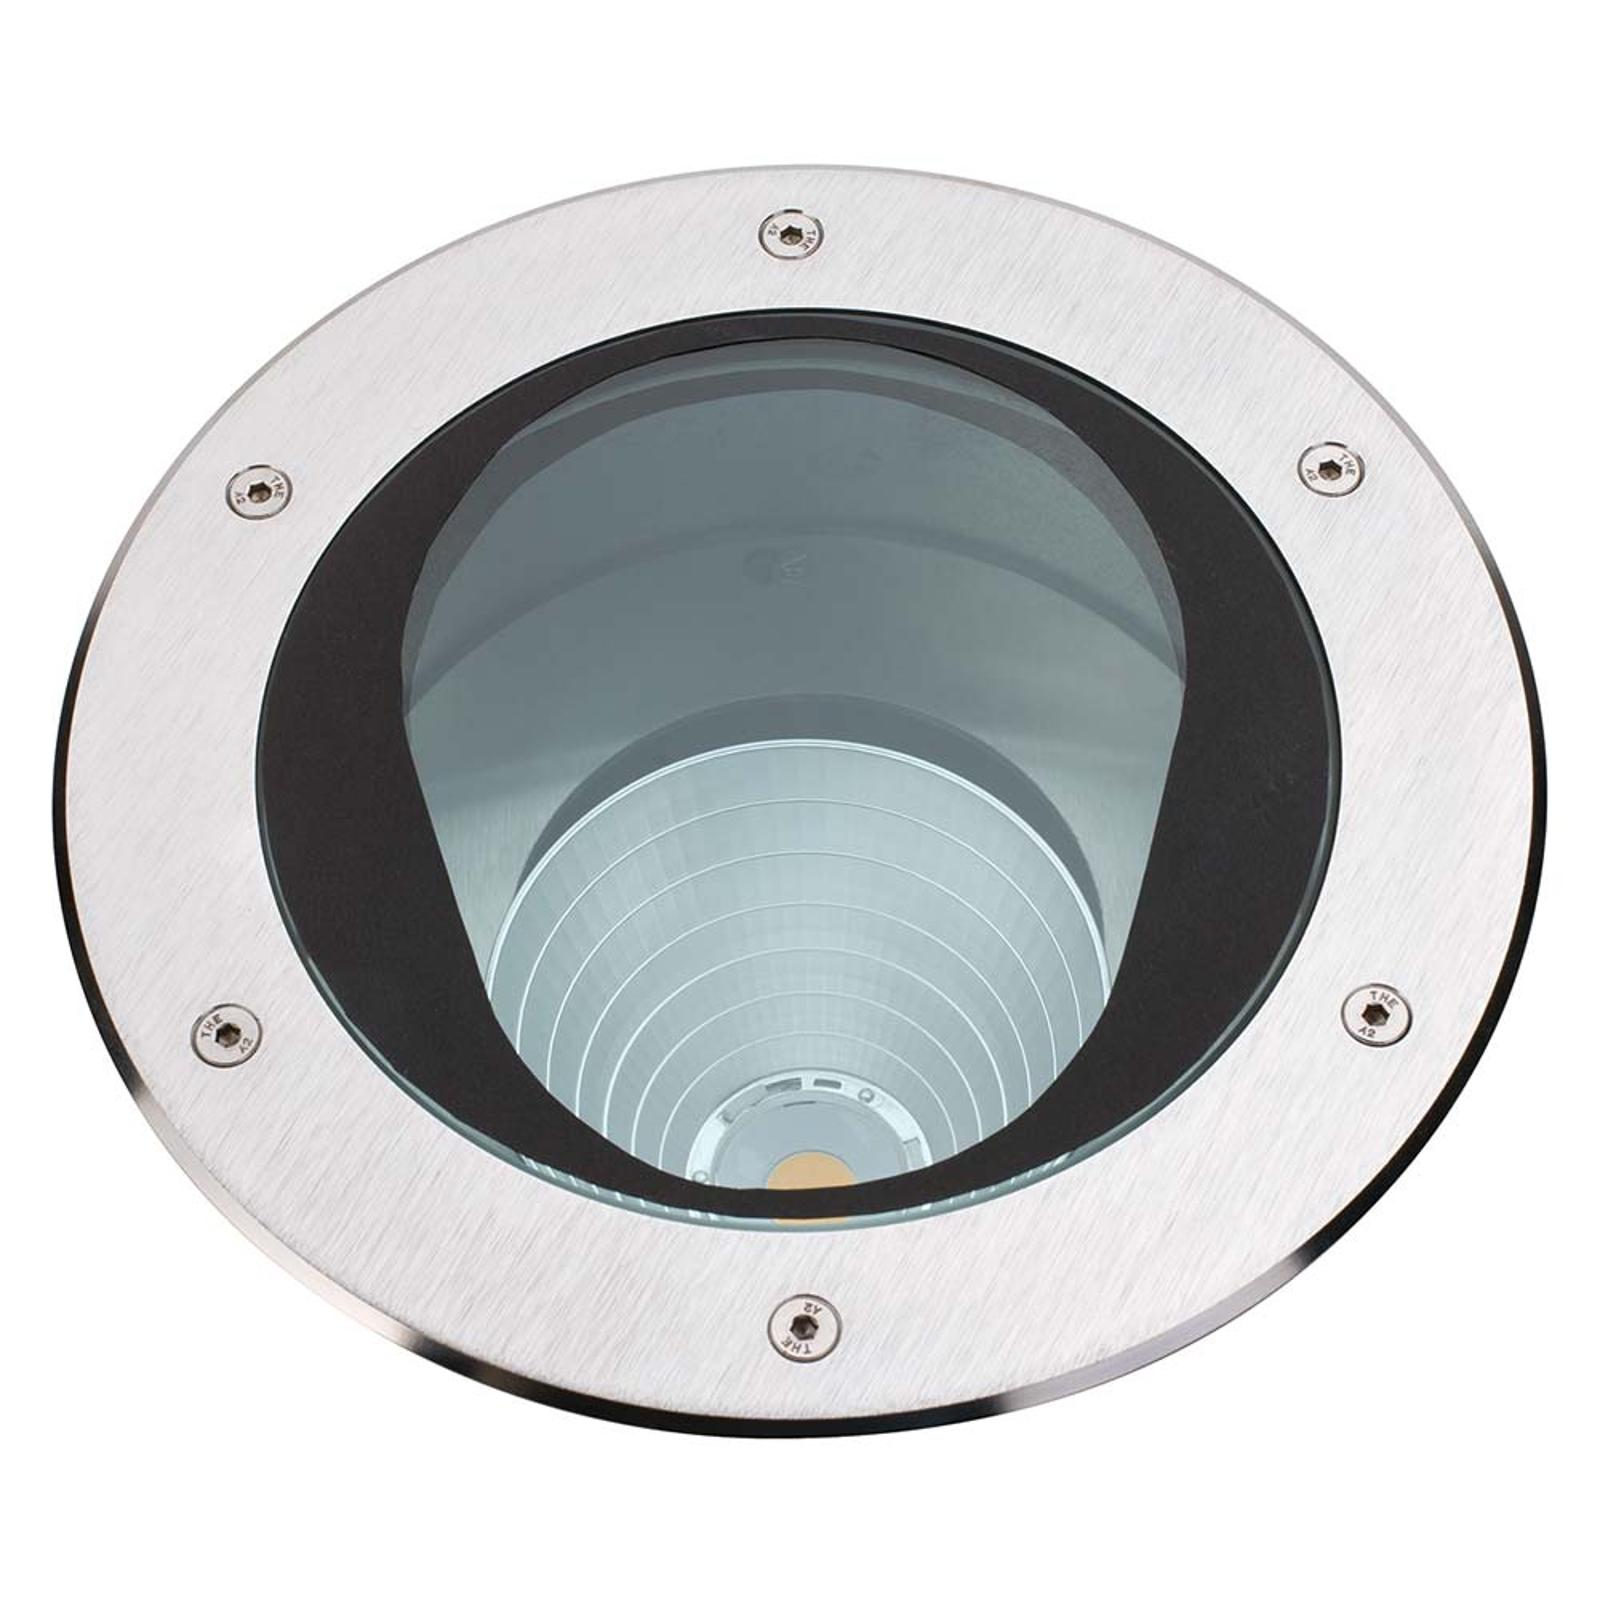 Faretto LED da pavimento Titus 32W - orientabile